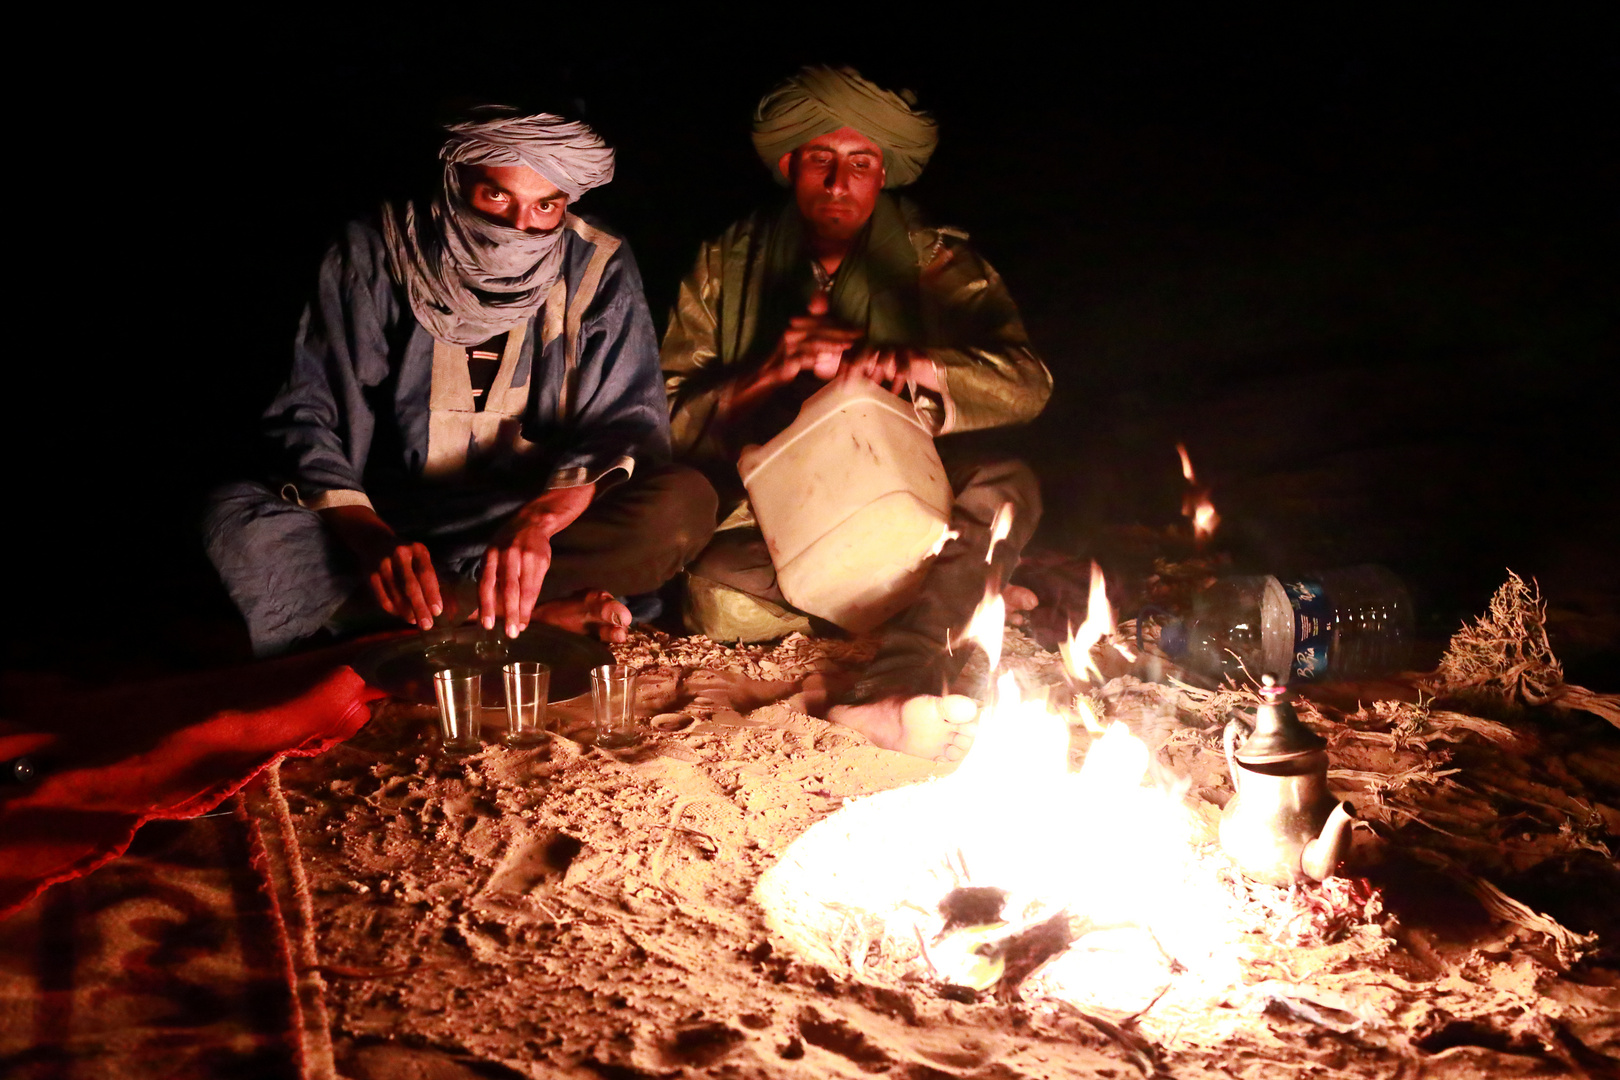 Am Lagerfeuer in der Wüste